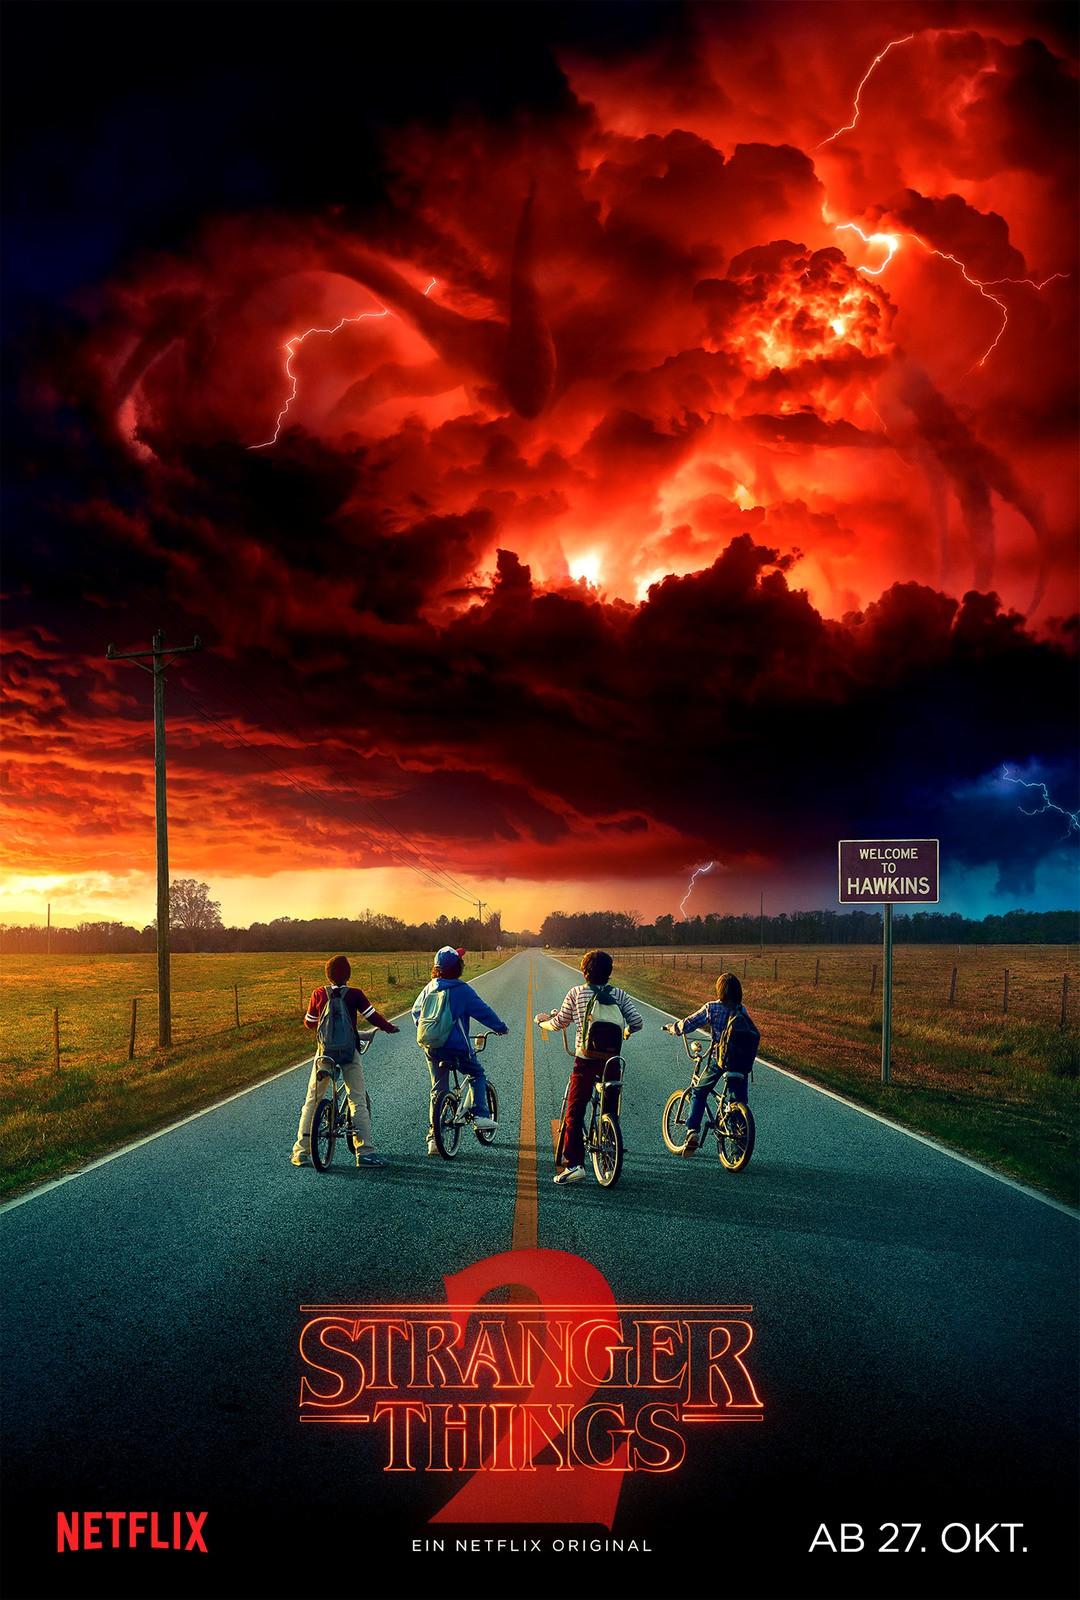 Stranger Things Staffel 2: Neuer Trailer zur Sci-Fi Serie - Bild 1 von 11